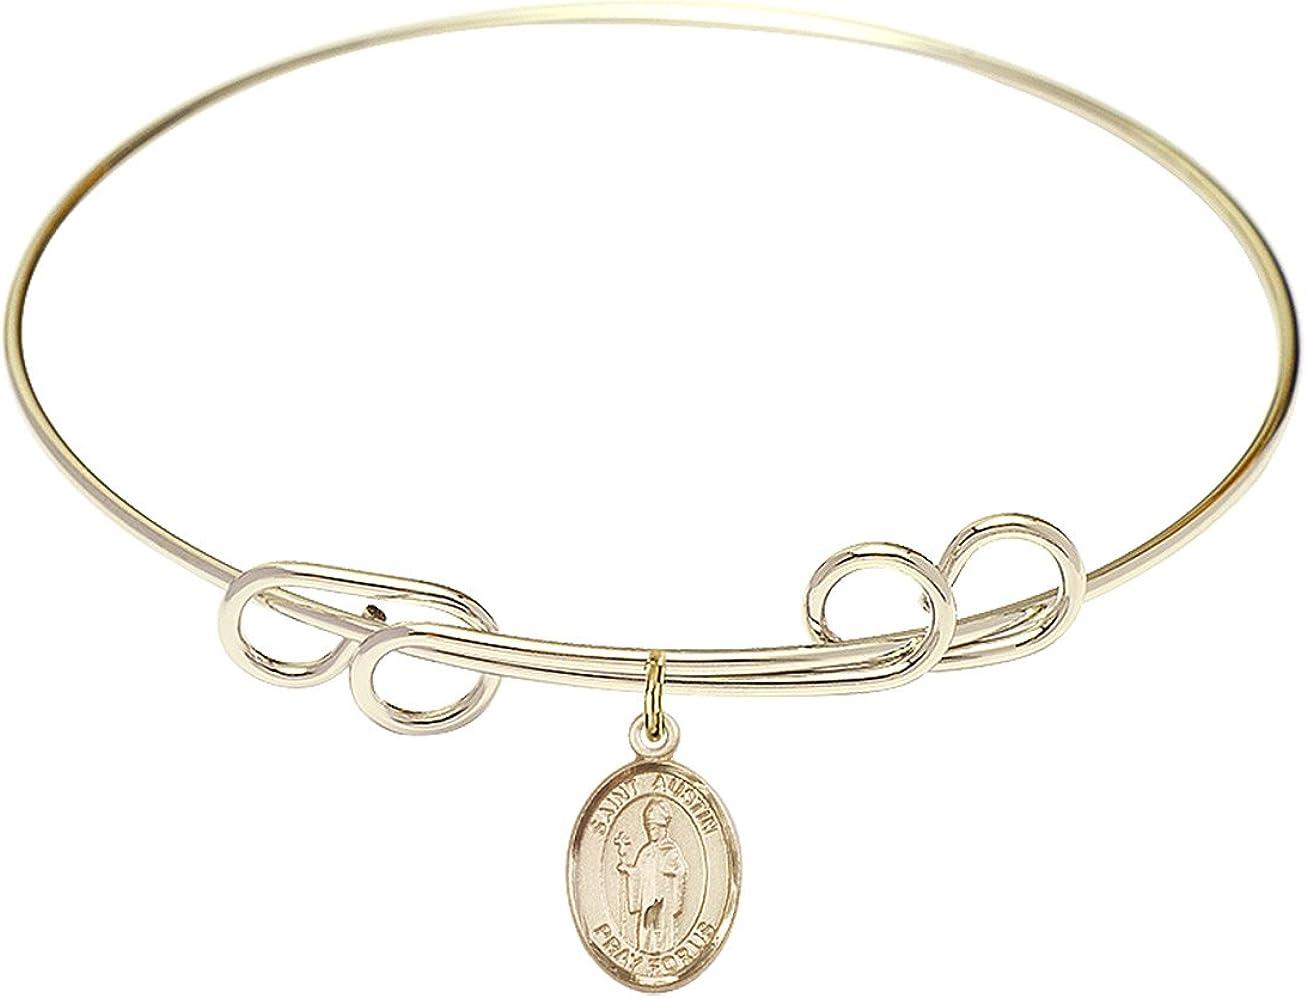 DiamondJewelryNY Double Loop Bangle Bracelet with a St. Austin Charm.